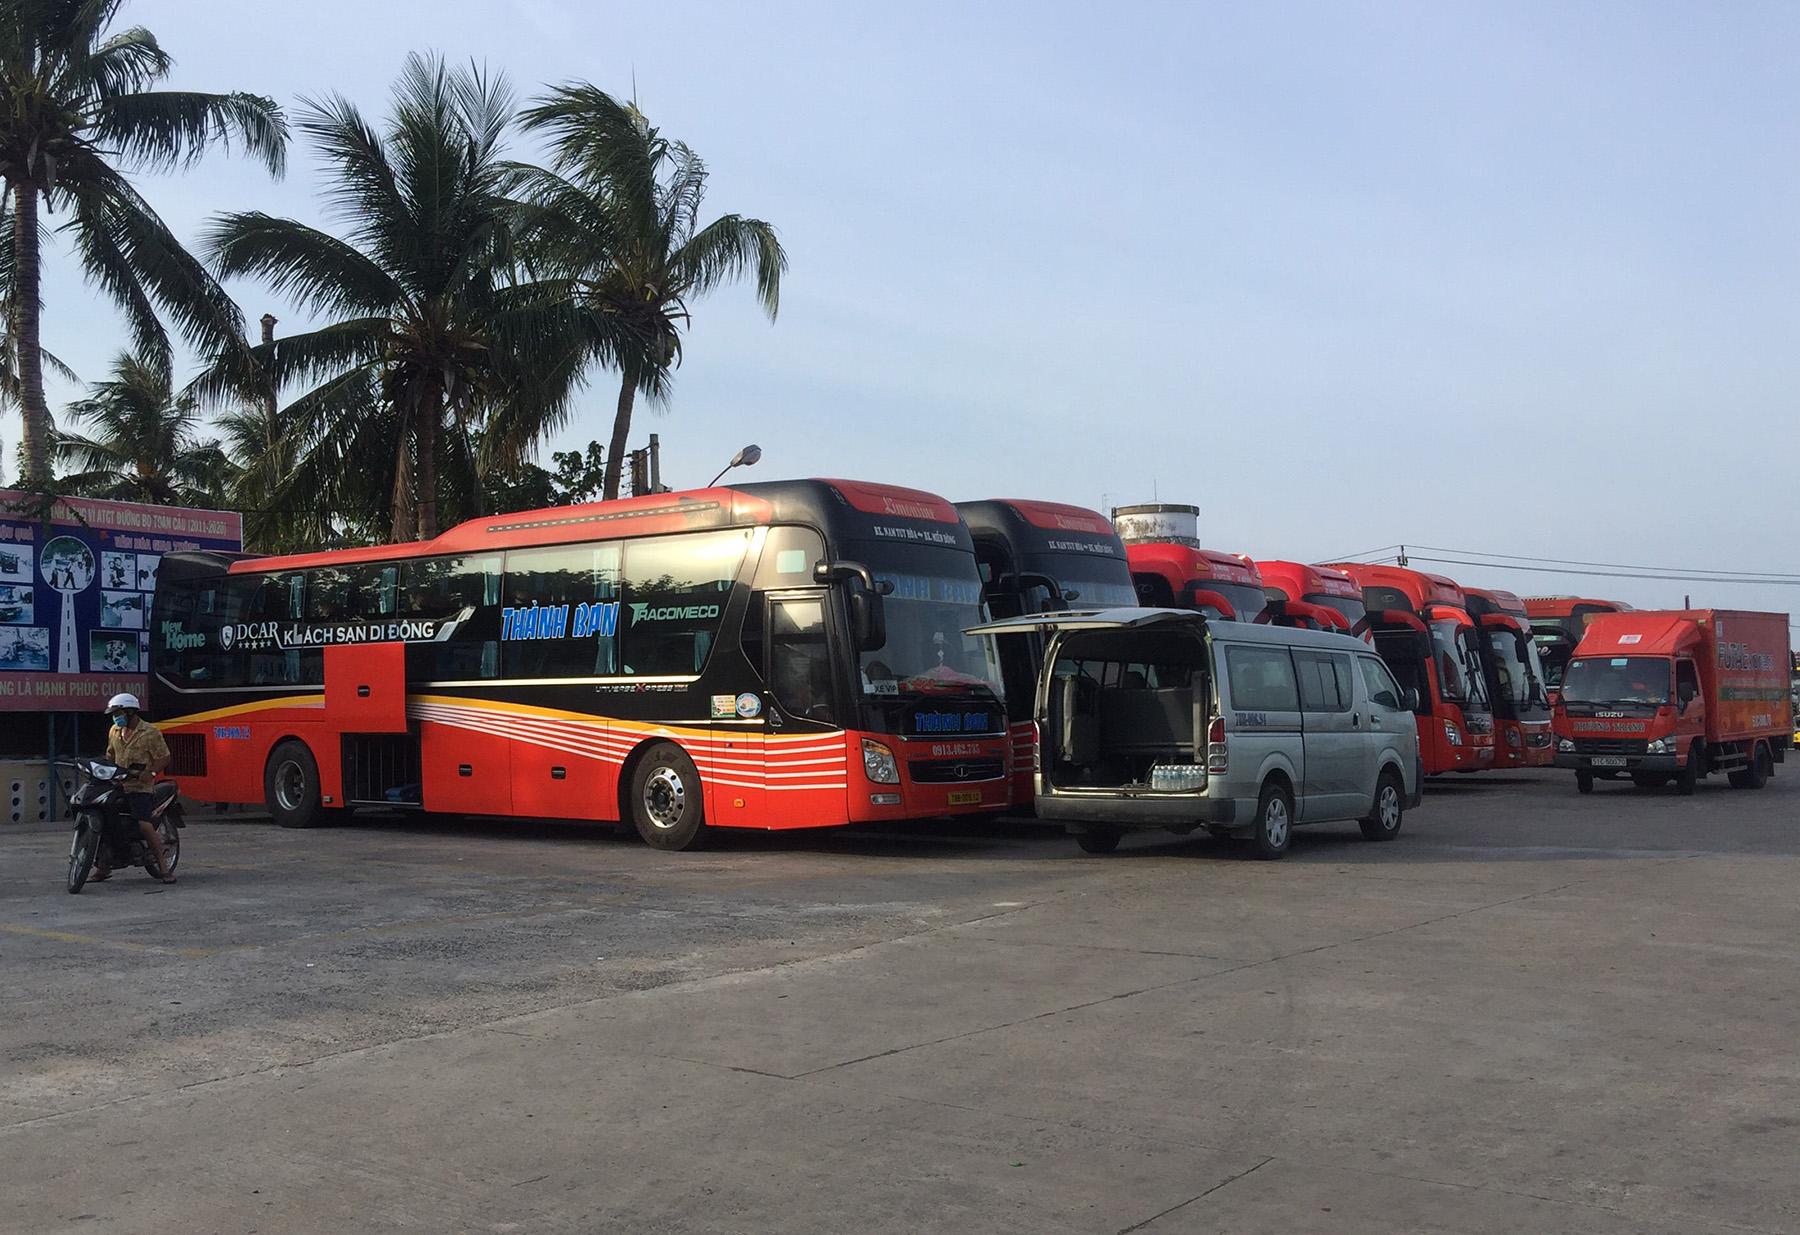 Trên 50 đầu xe chuẩn bị xuất bên vận chuyển người dân từ TP HCM về Phú Yên